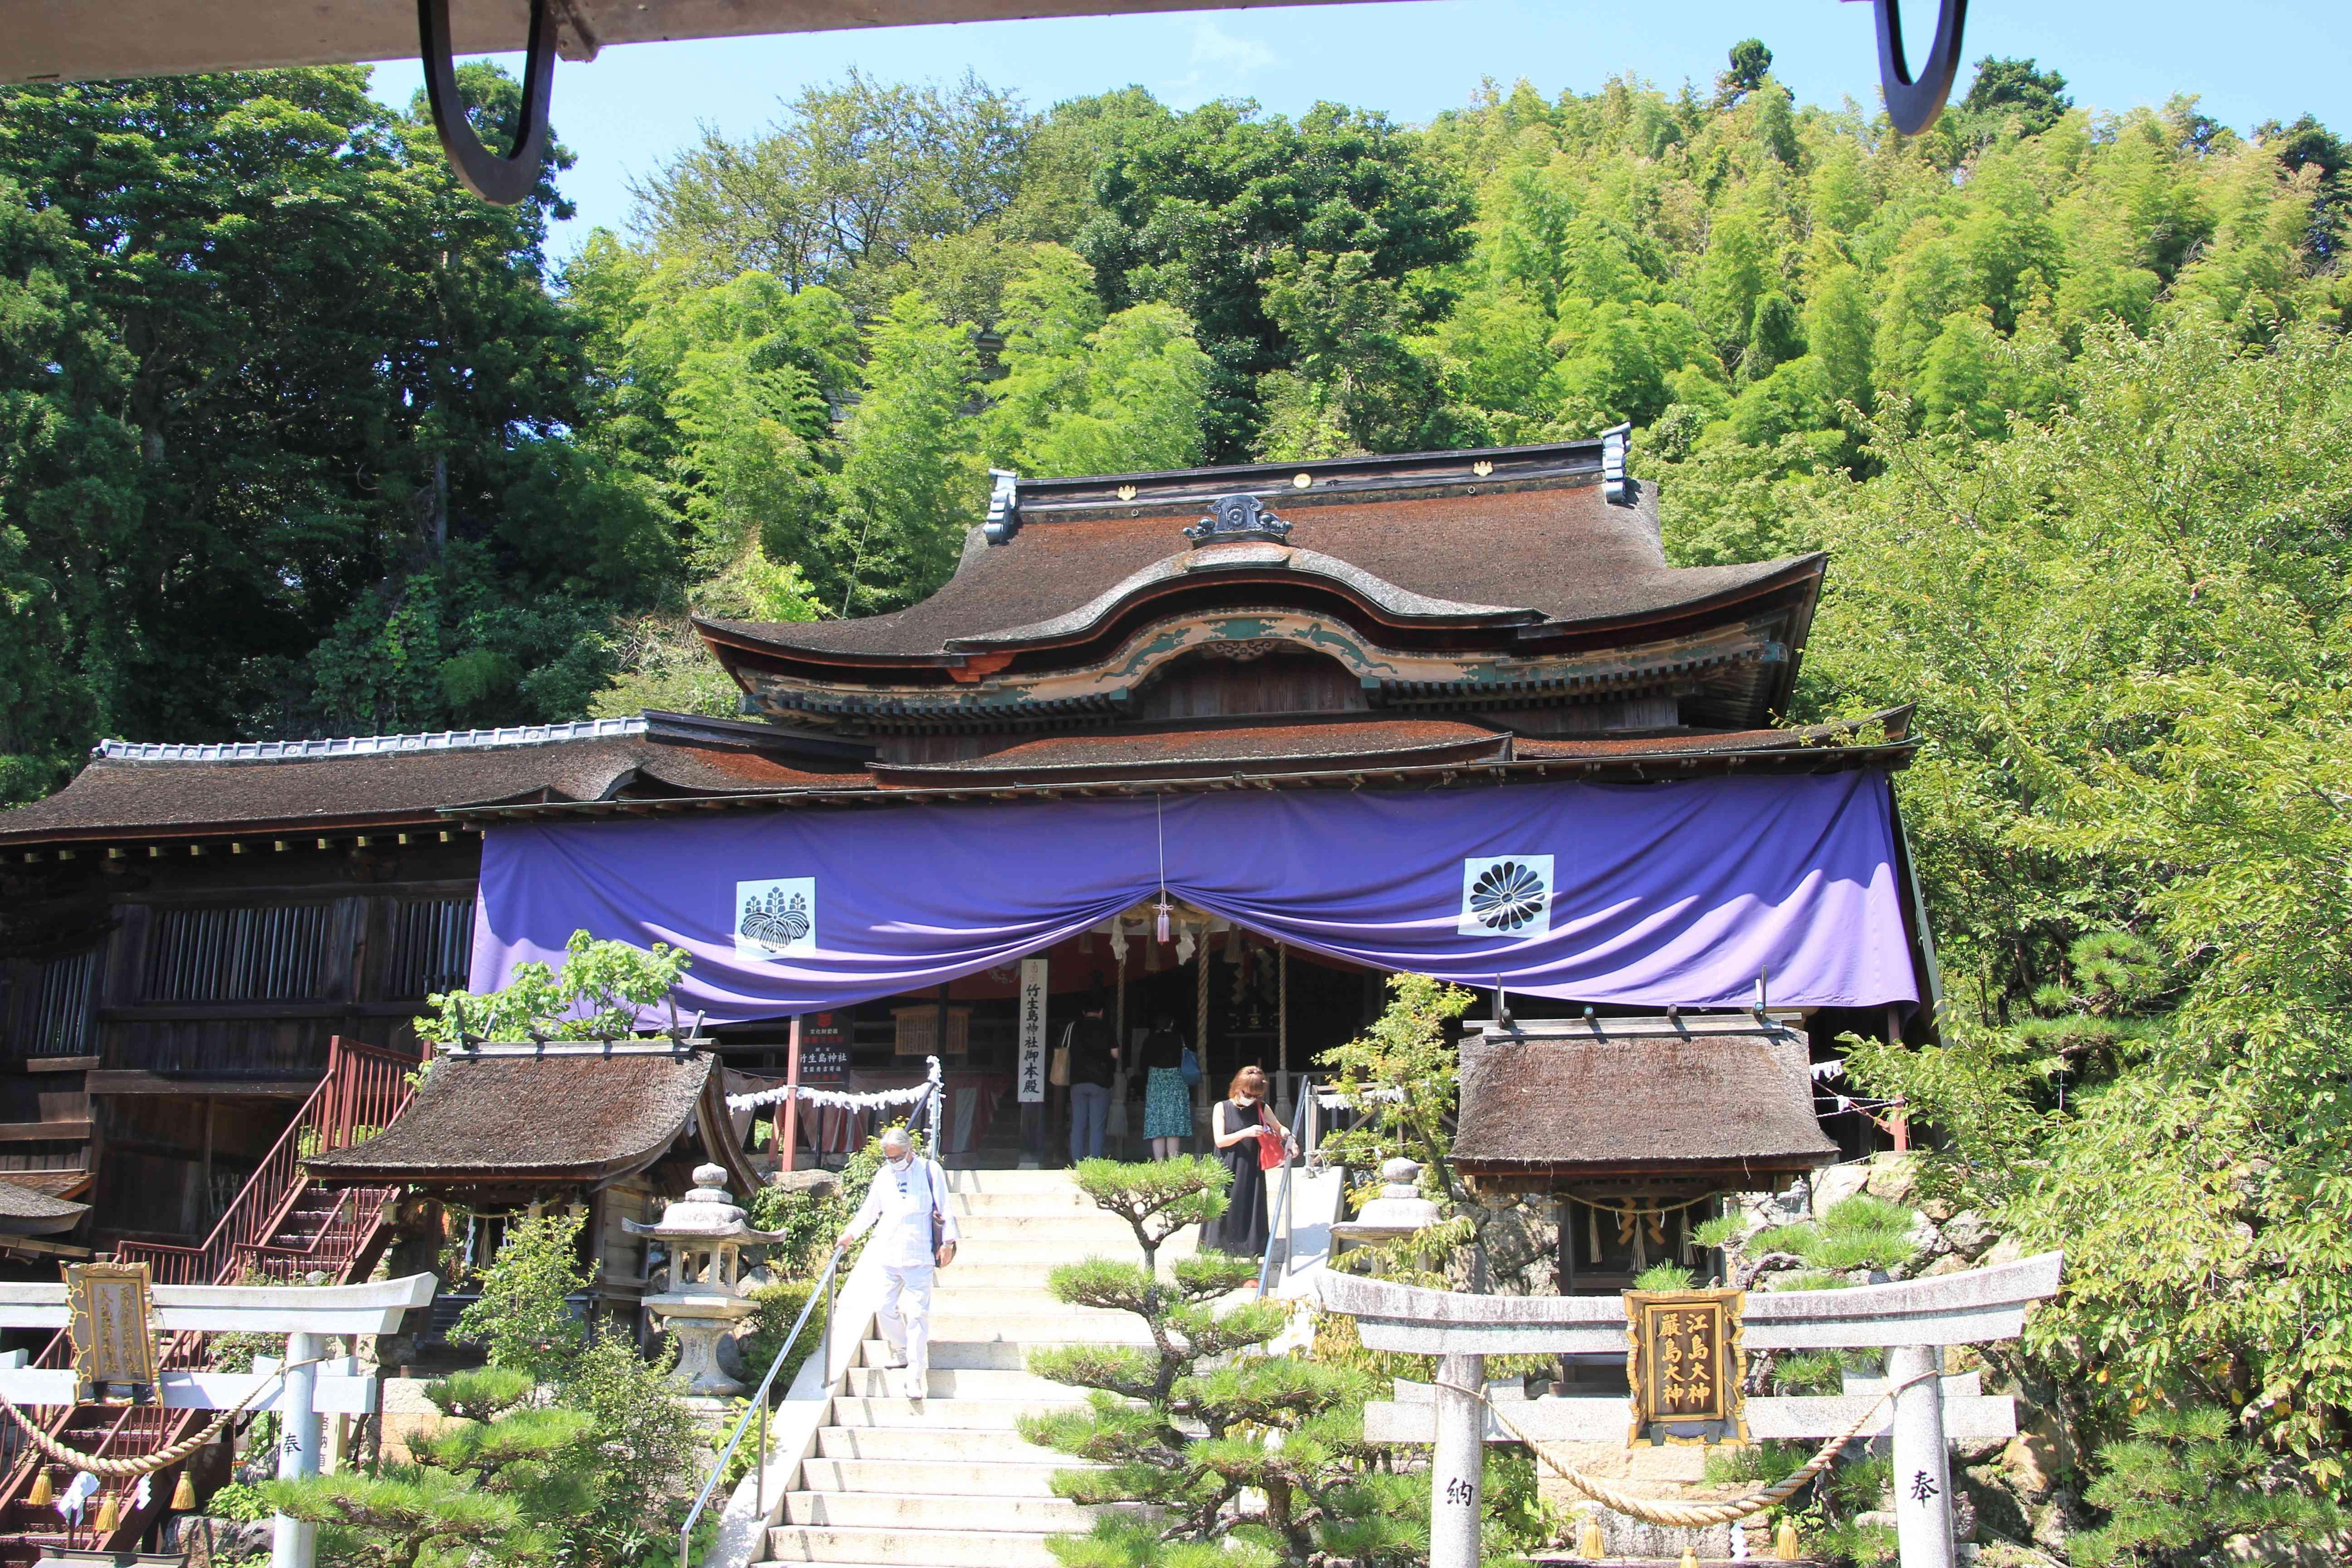 竹生島神社 本殿